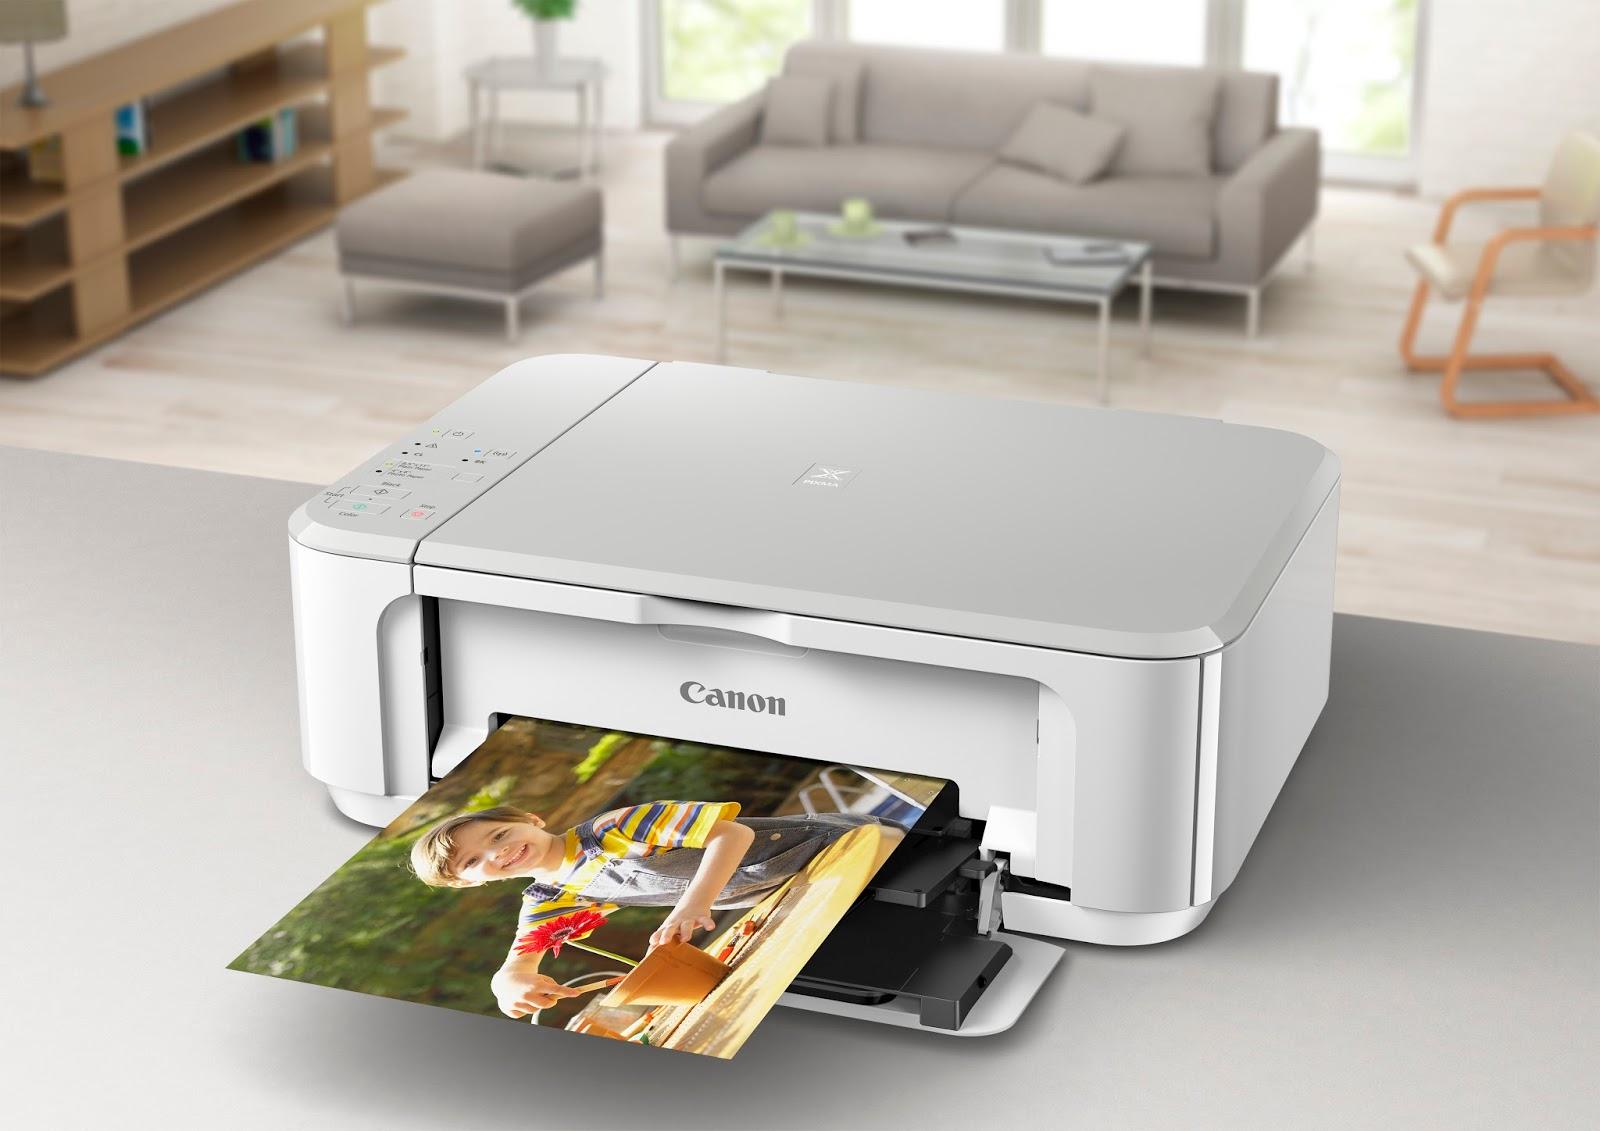 jean marie canon pixma mg3650 nouvelle multifonction wifi compacte moins de 70 euros. Black Bedroom Furniture Sets. Home Design Ideas